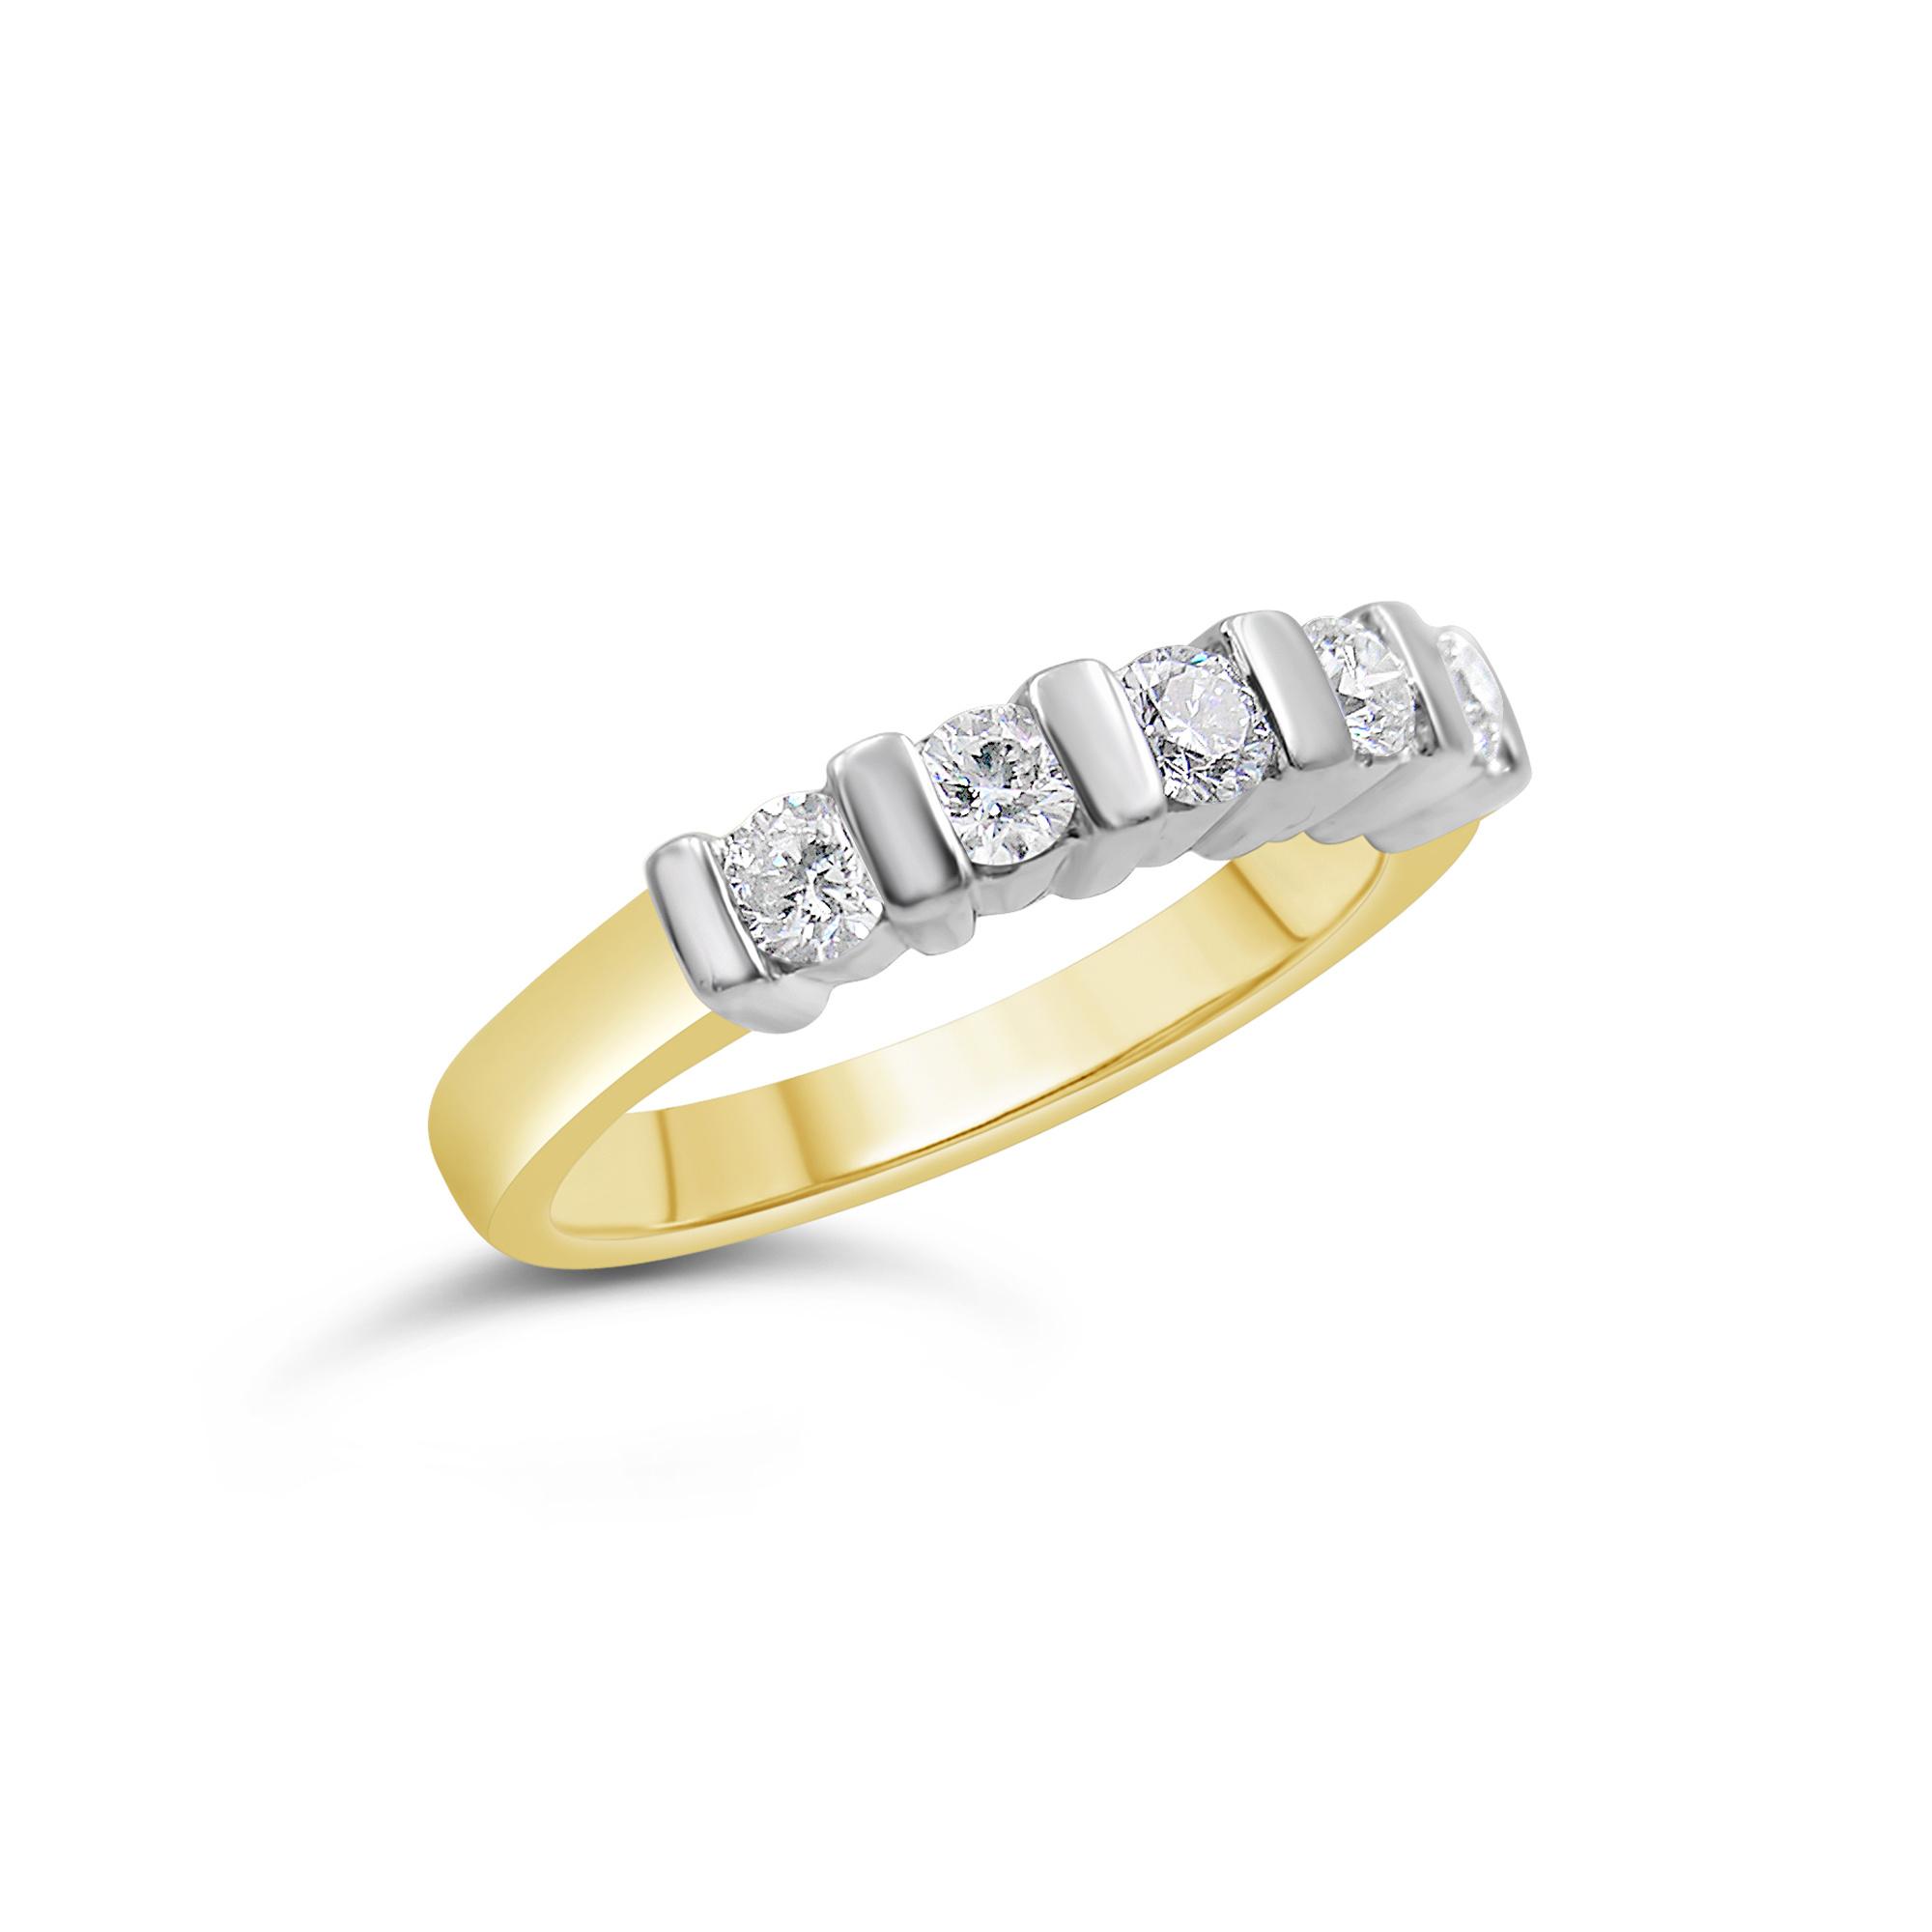 18k geel & wit goud ring met 0.60 ct diamanten